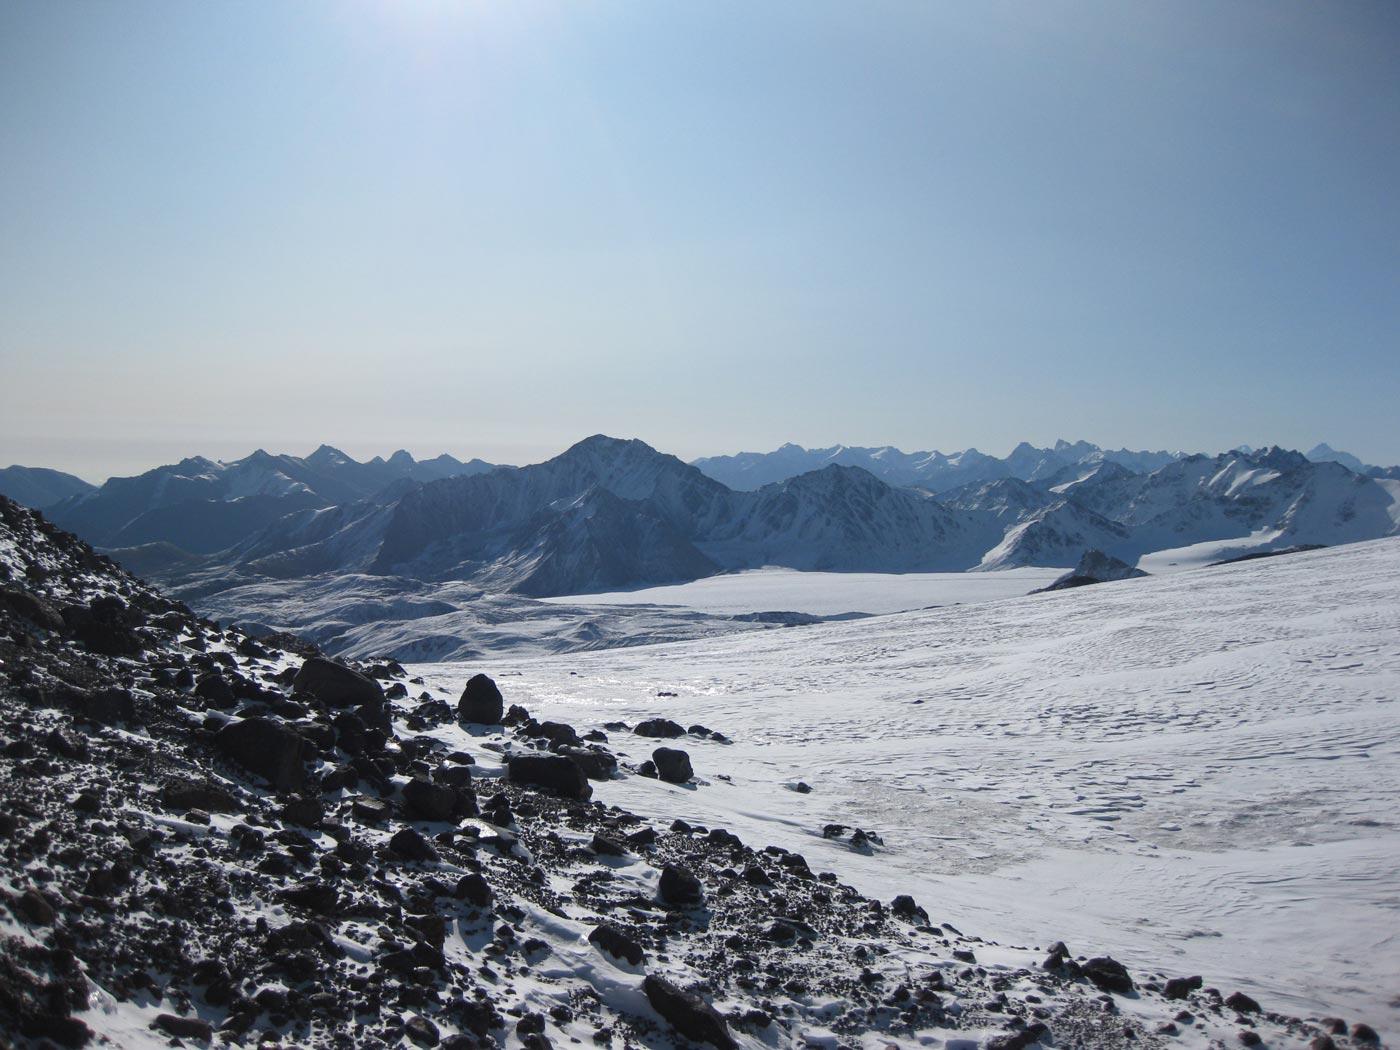 Штурмовой лагерь на высоте 3800м. Северный склон Эльбруса